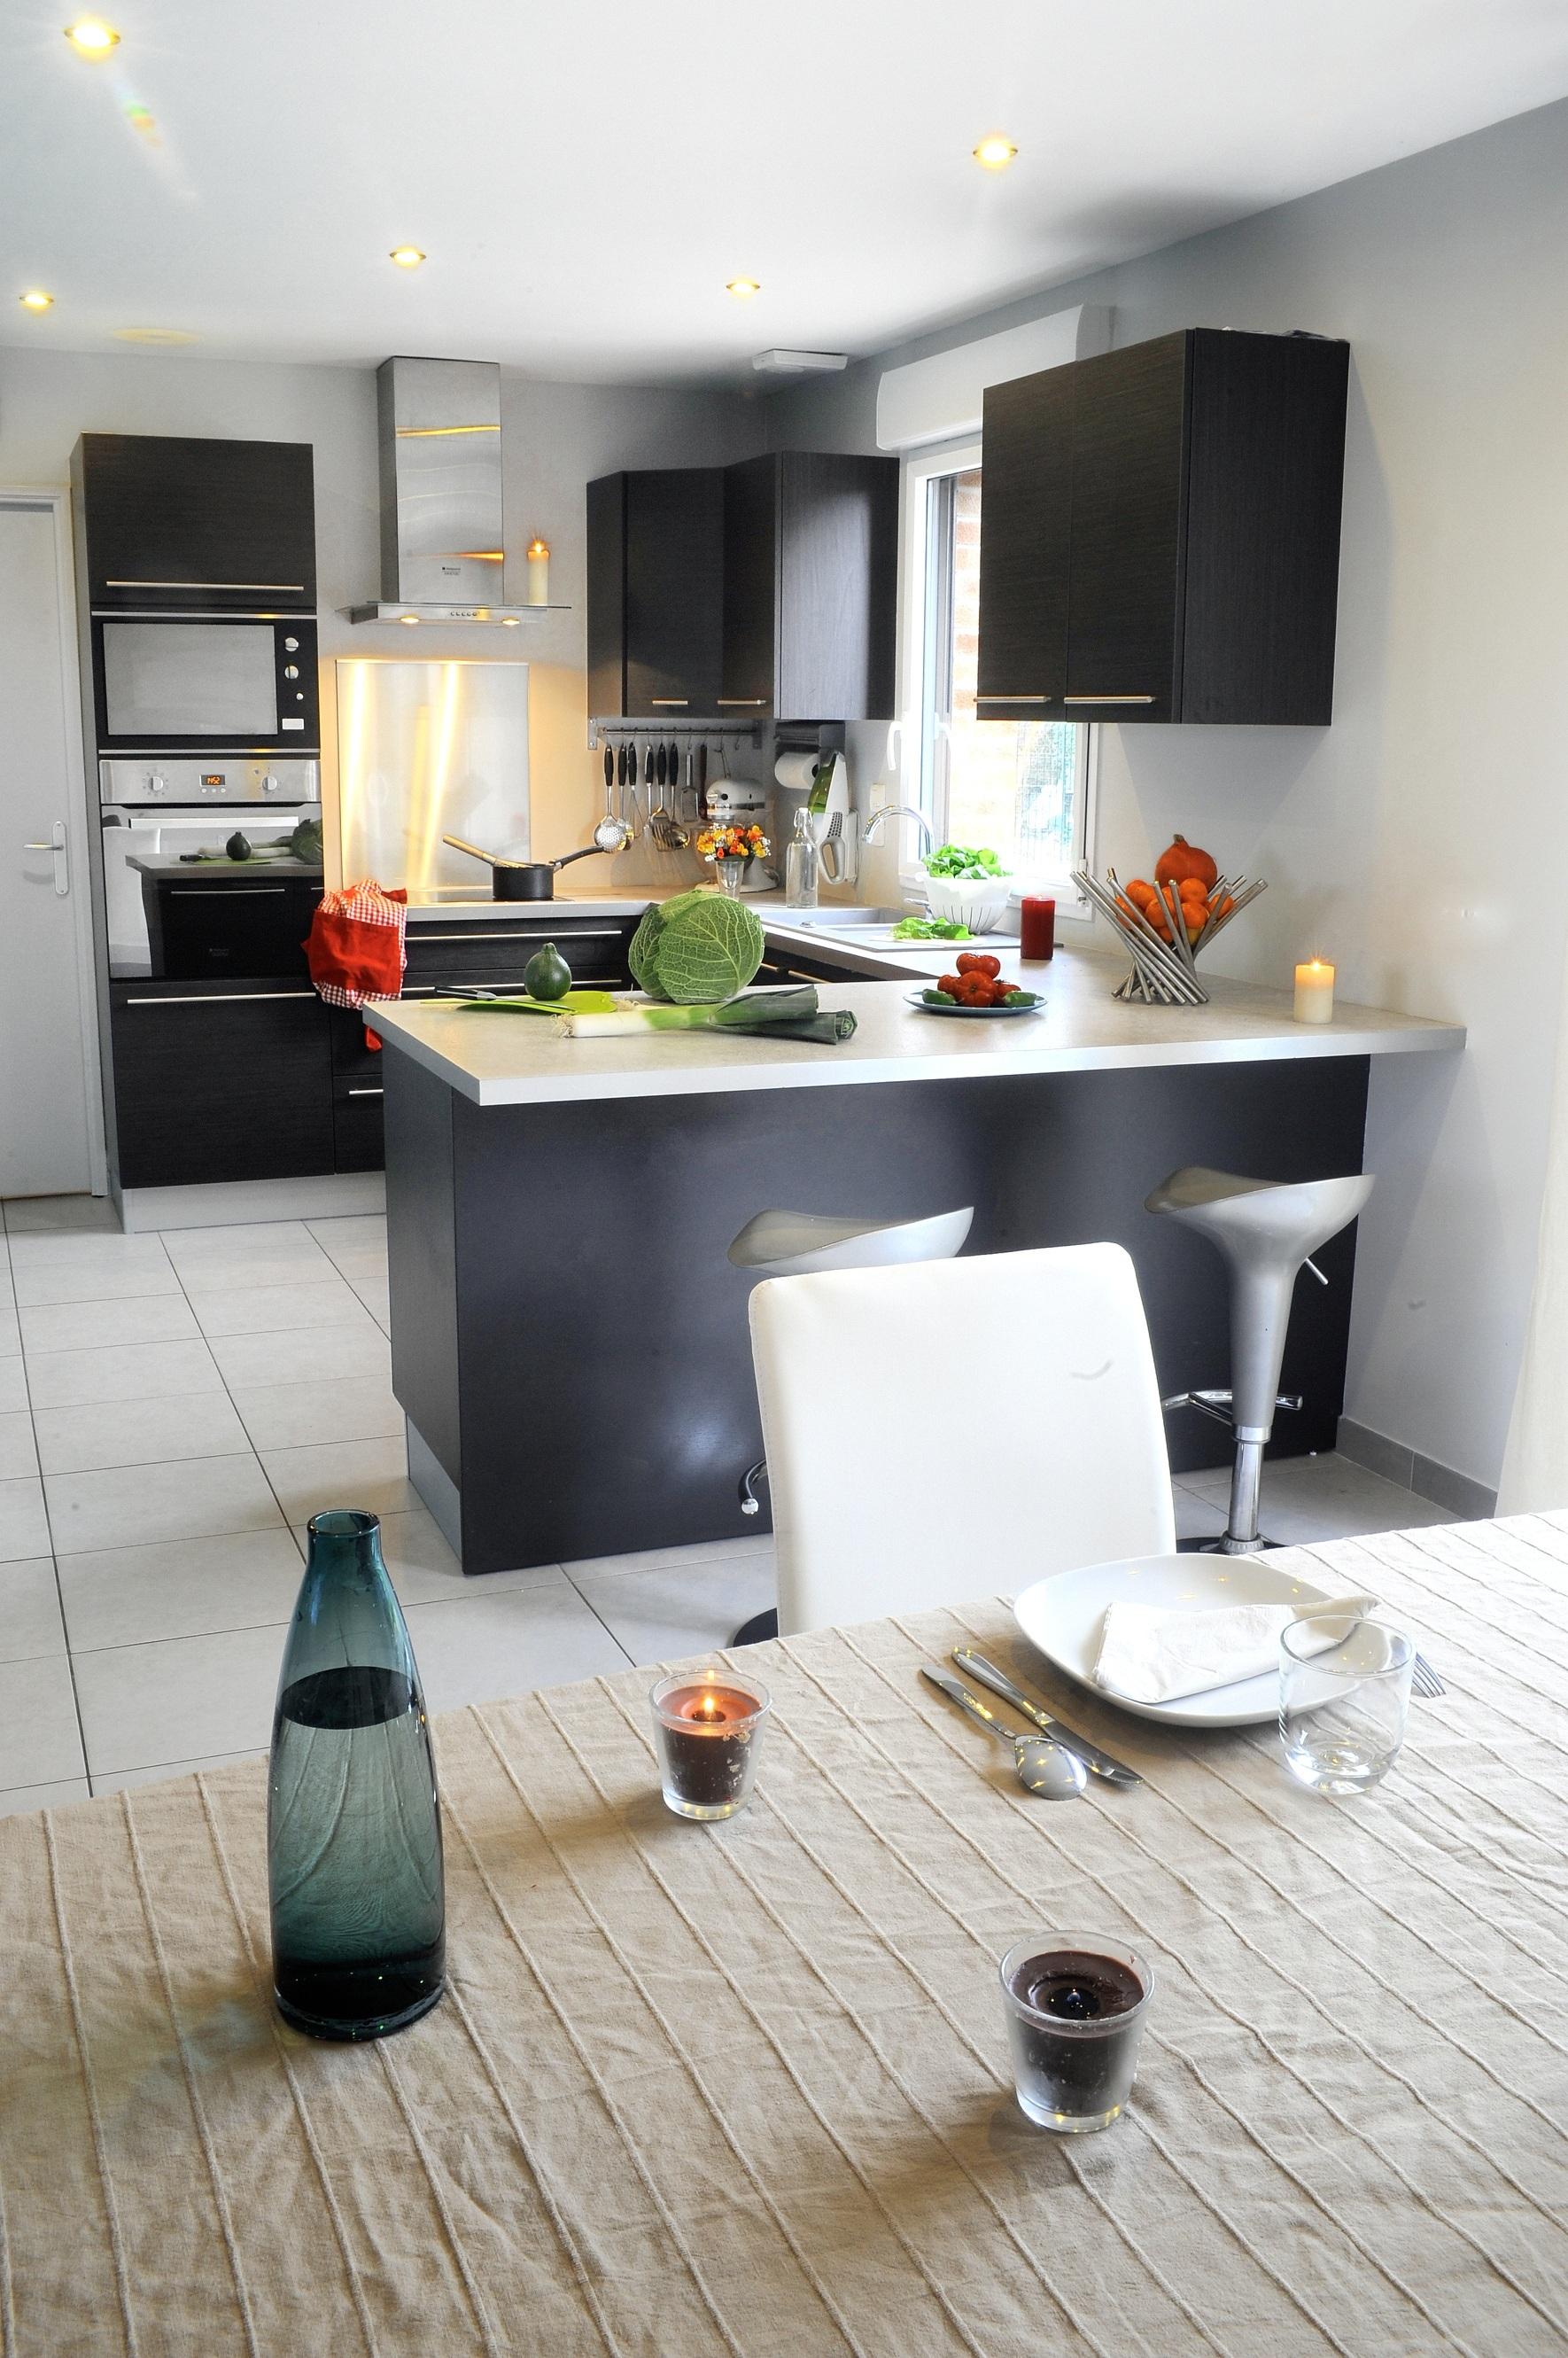 Maisons + Terrains du constructeur Maisons Phénix La-Roche-Sur-Yon • 107 m² • MOUILLERON LE CAPTIF